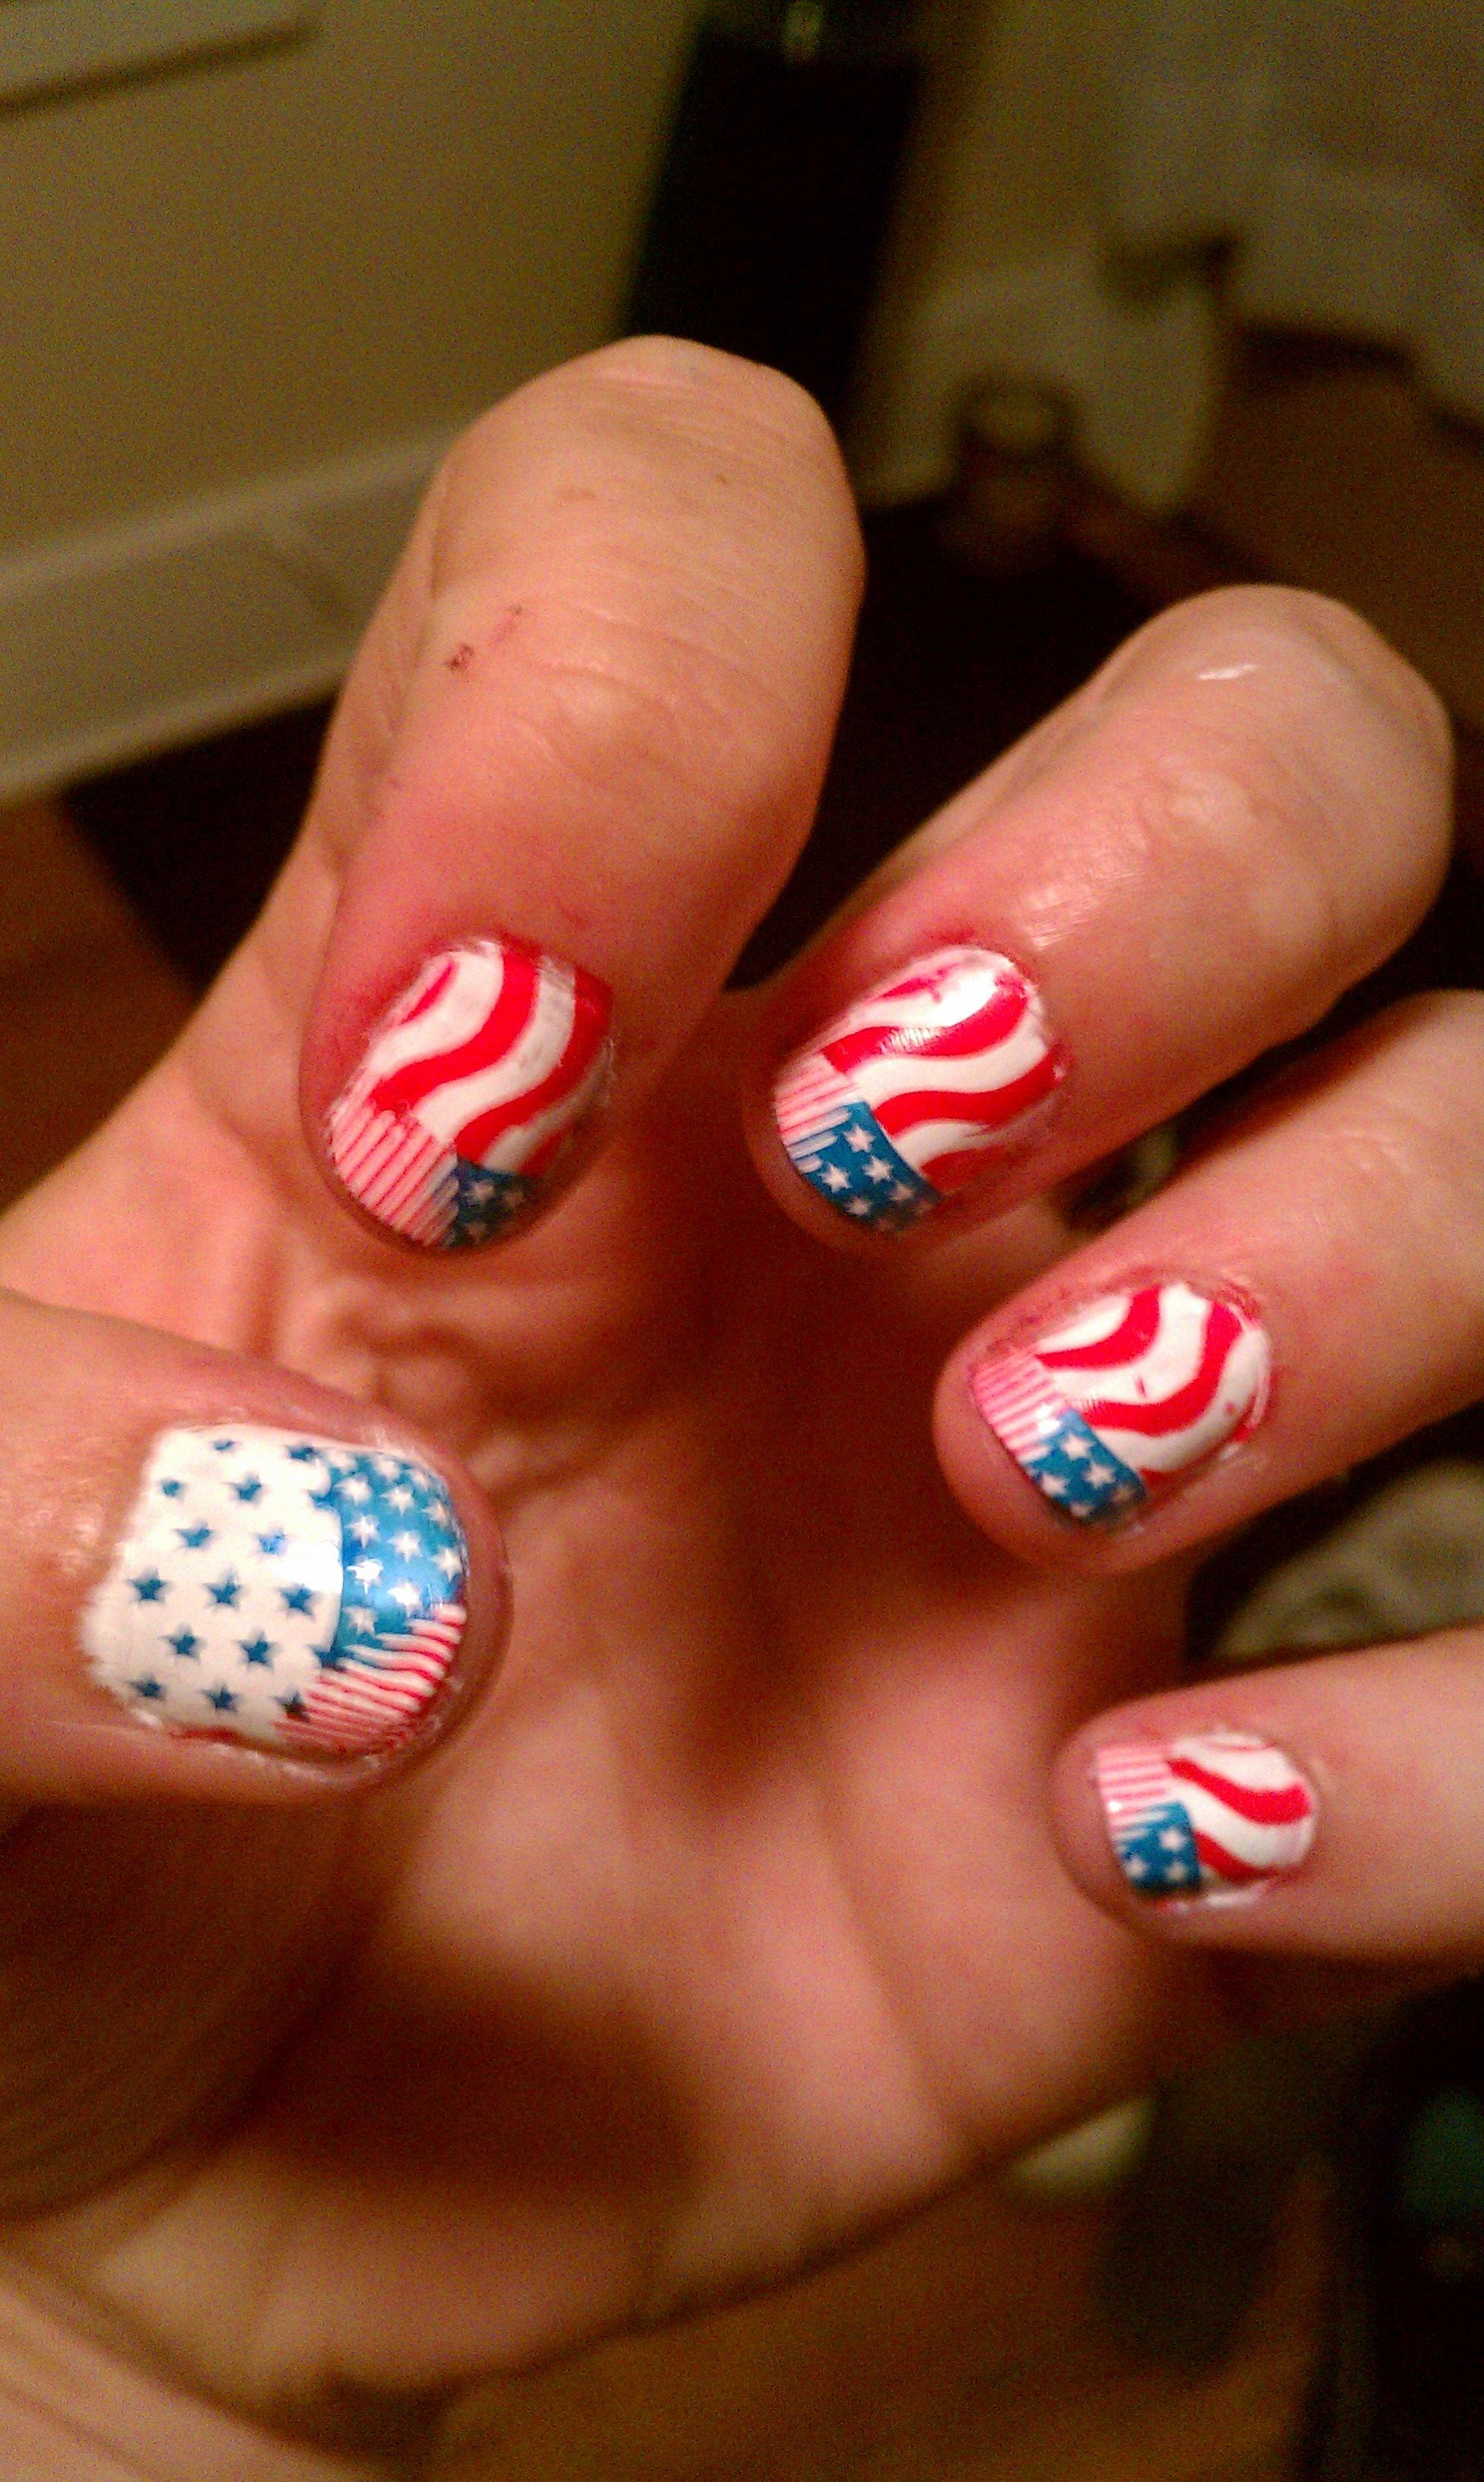 July 4th nail design using nail image plates | Nails / Nail Image ...